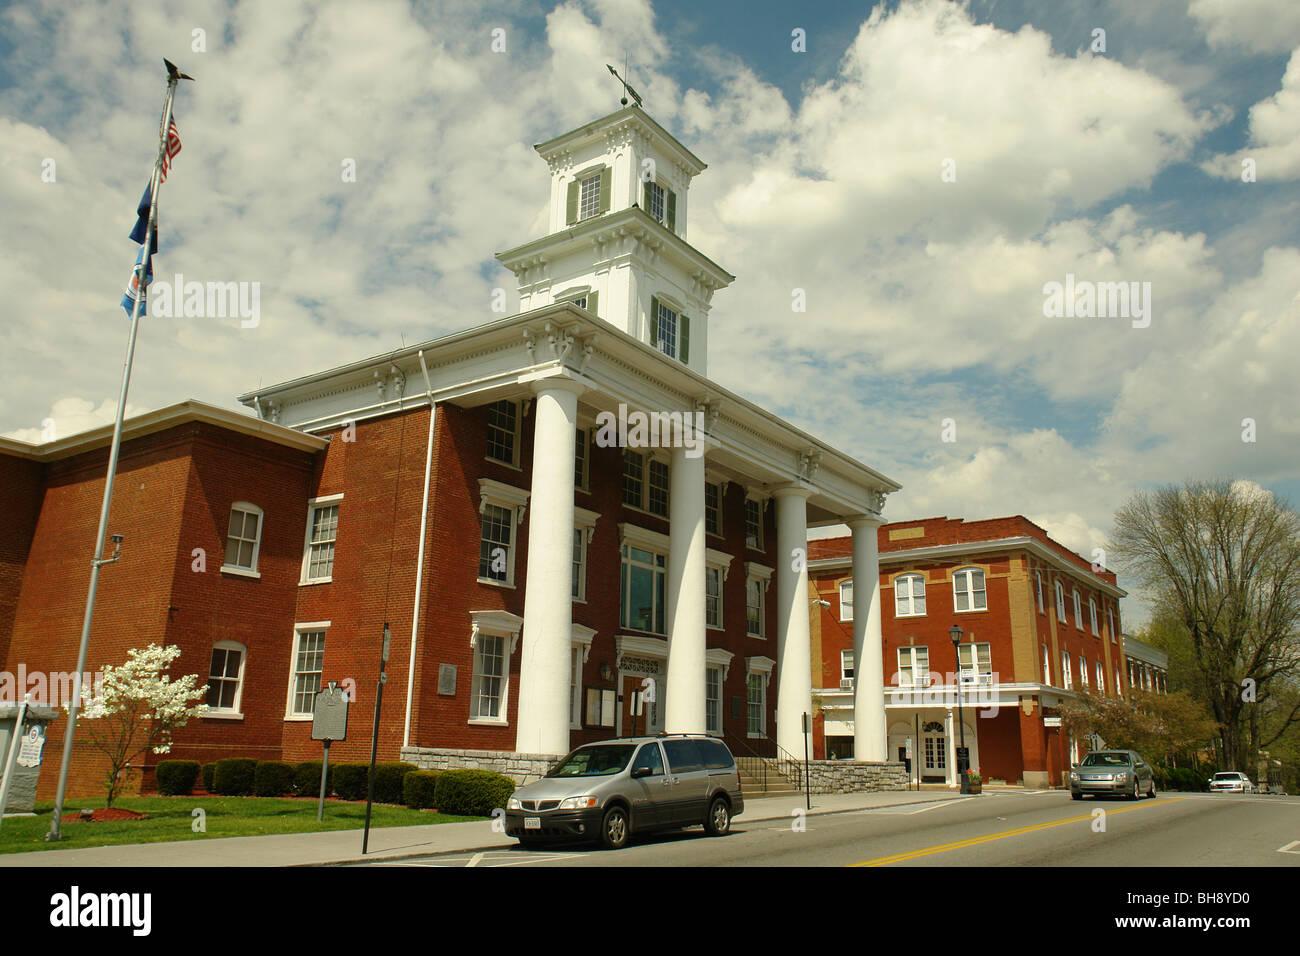 AJD64382, Abingdon, Virginie, Virginie, du centre-ville, le palais de justice du comté de Washington Banque D'Images